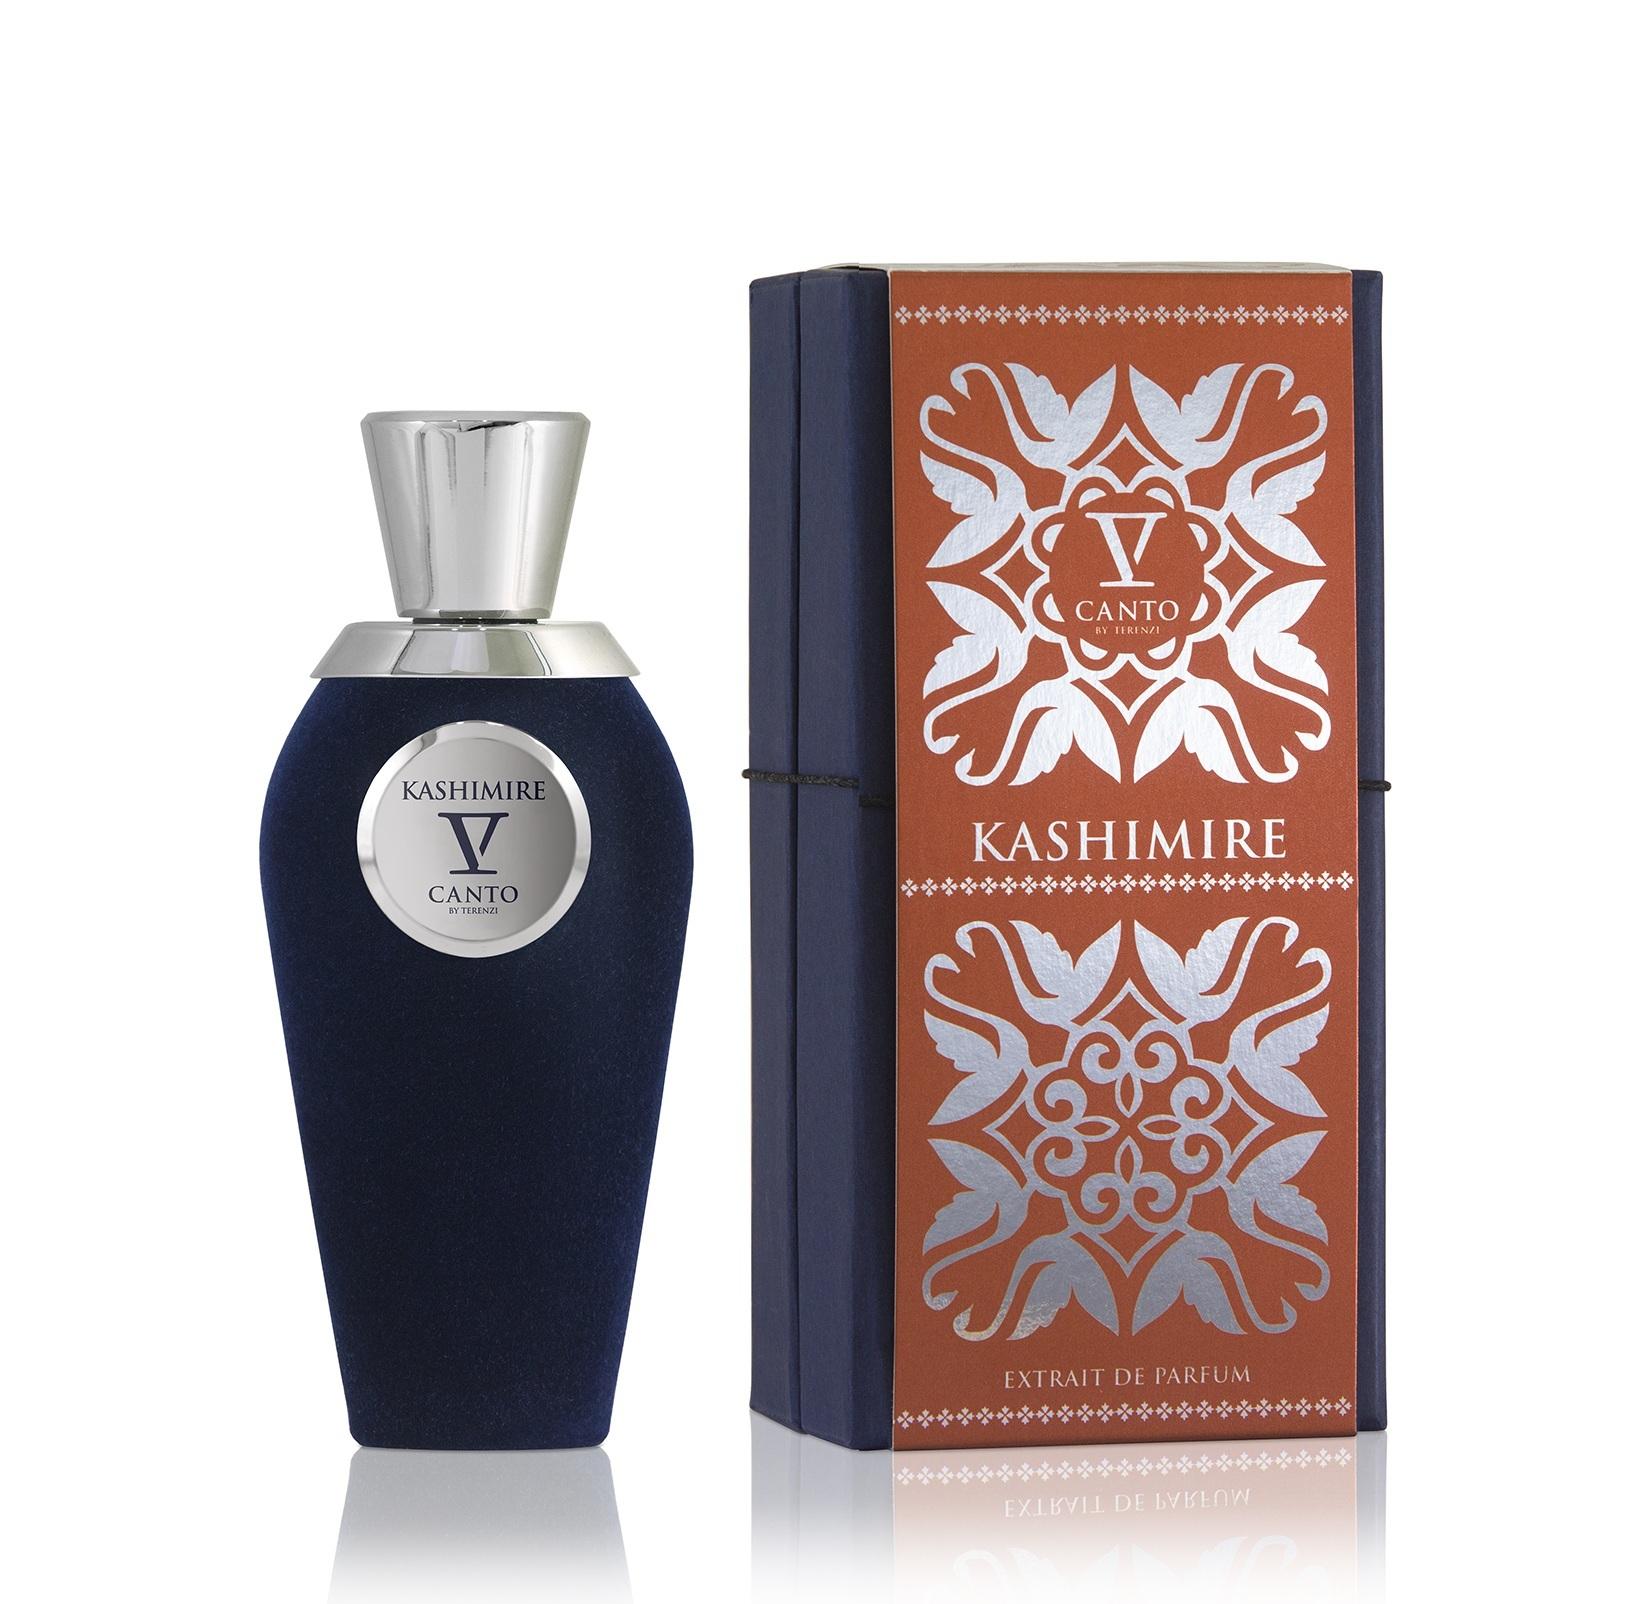 V Canto Kashimire Extrait de Parfum